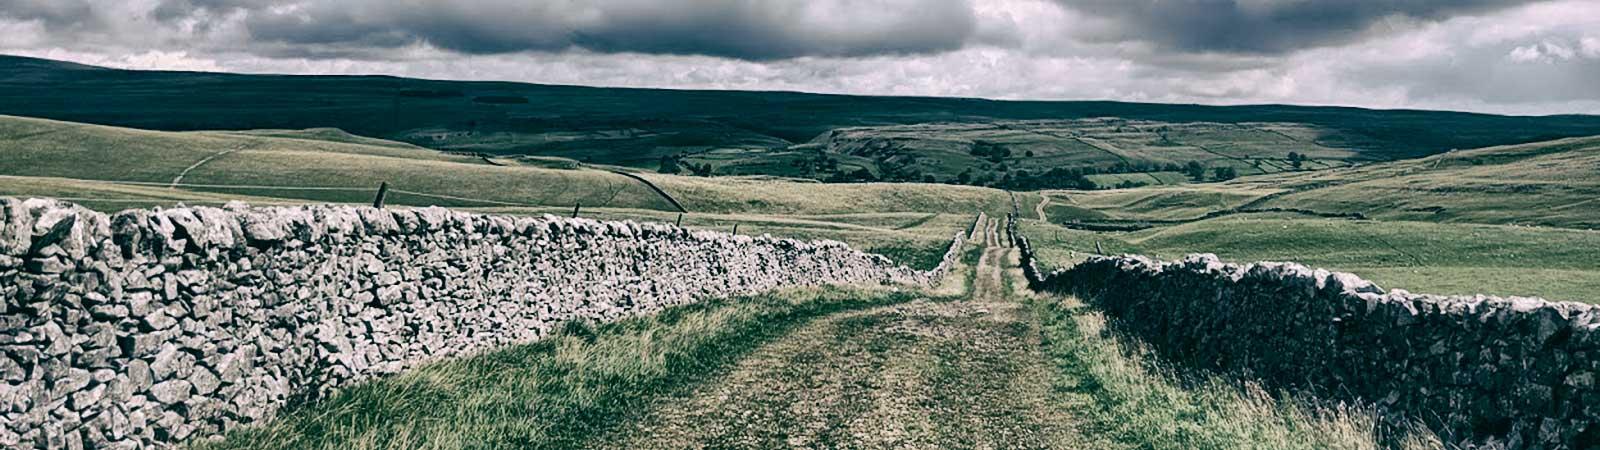 Kilnsey Malham Hawkswick Cote Via Mastiles Lane Bike Route